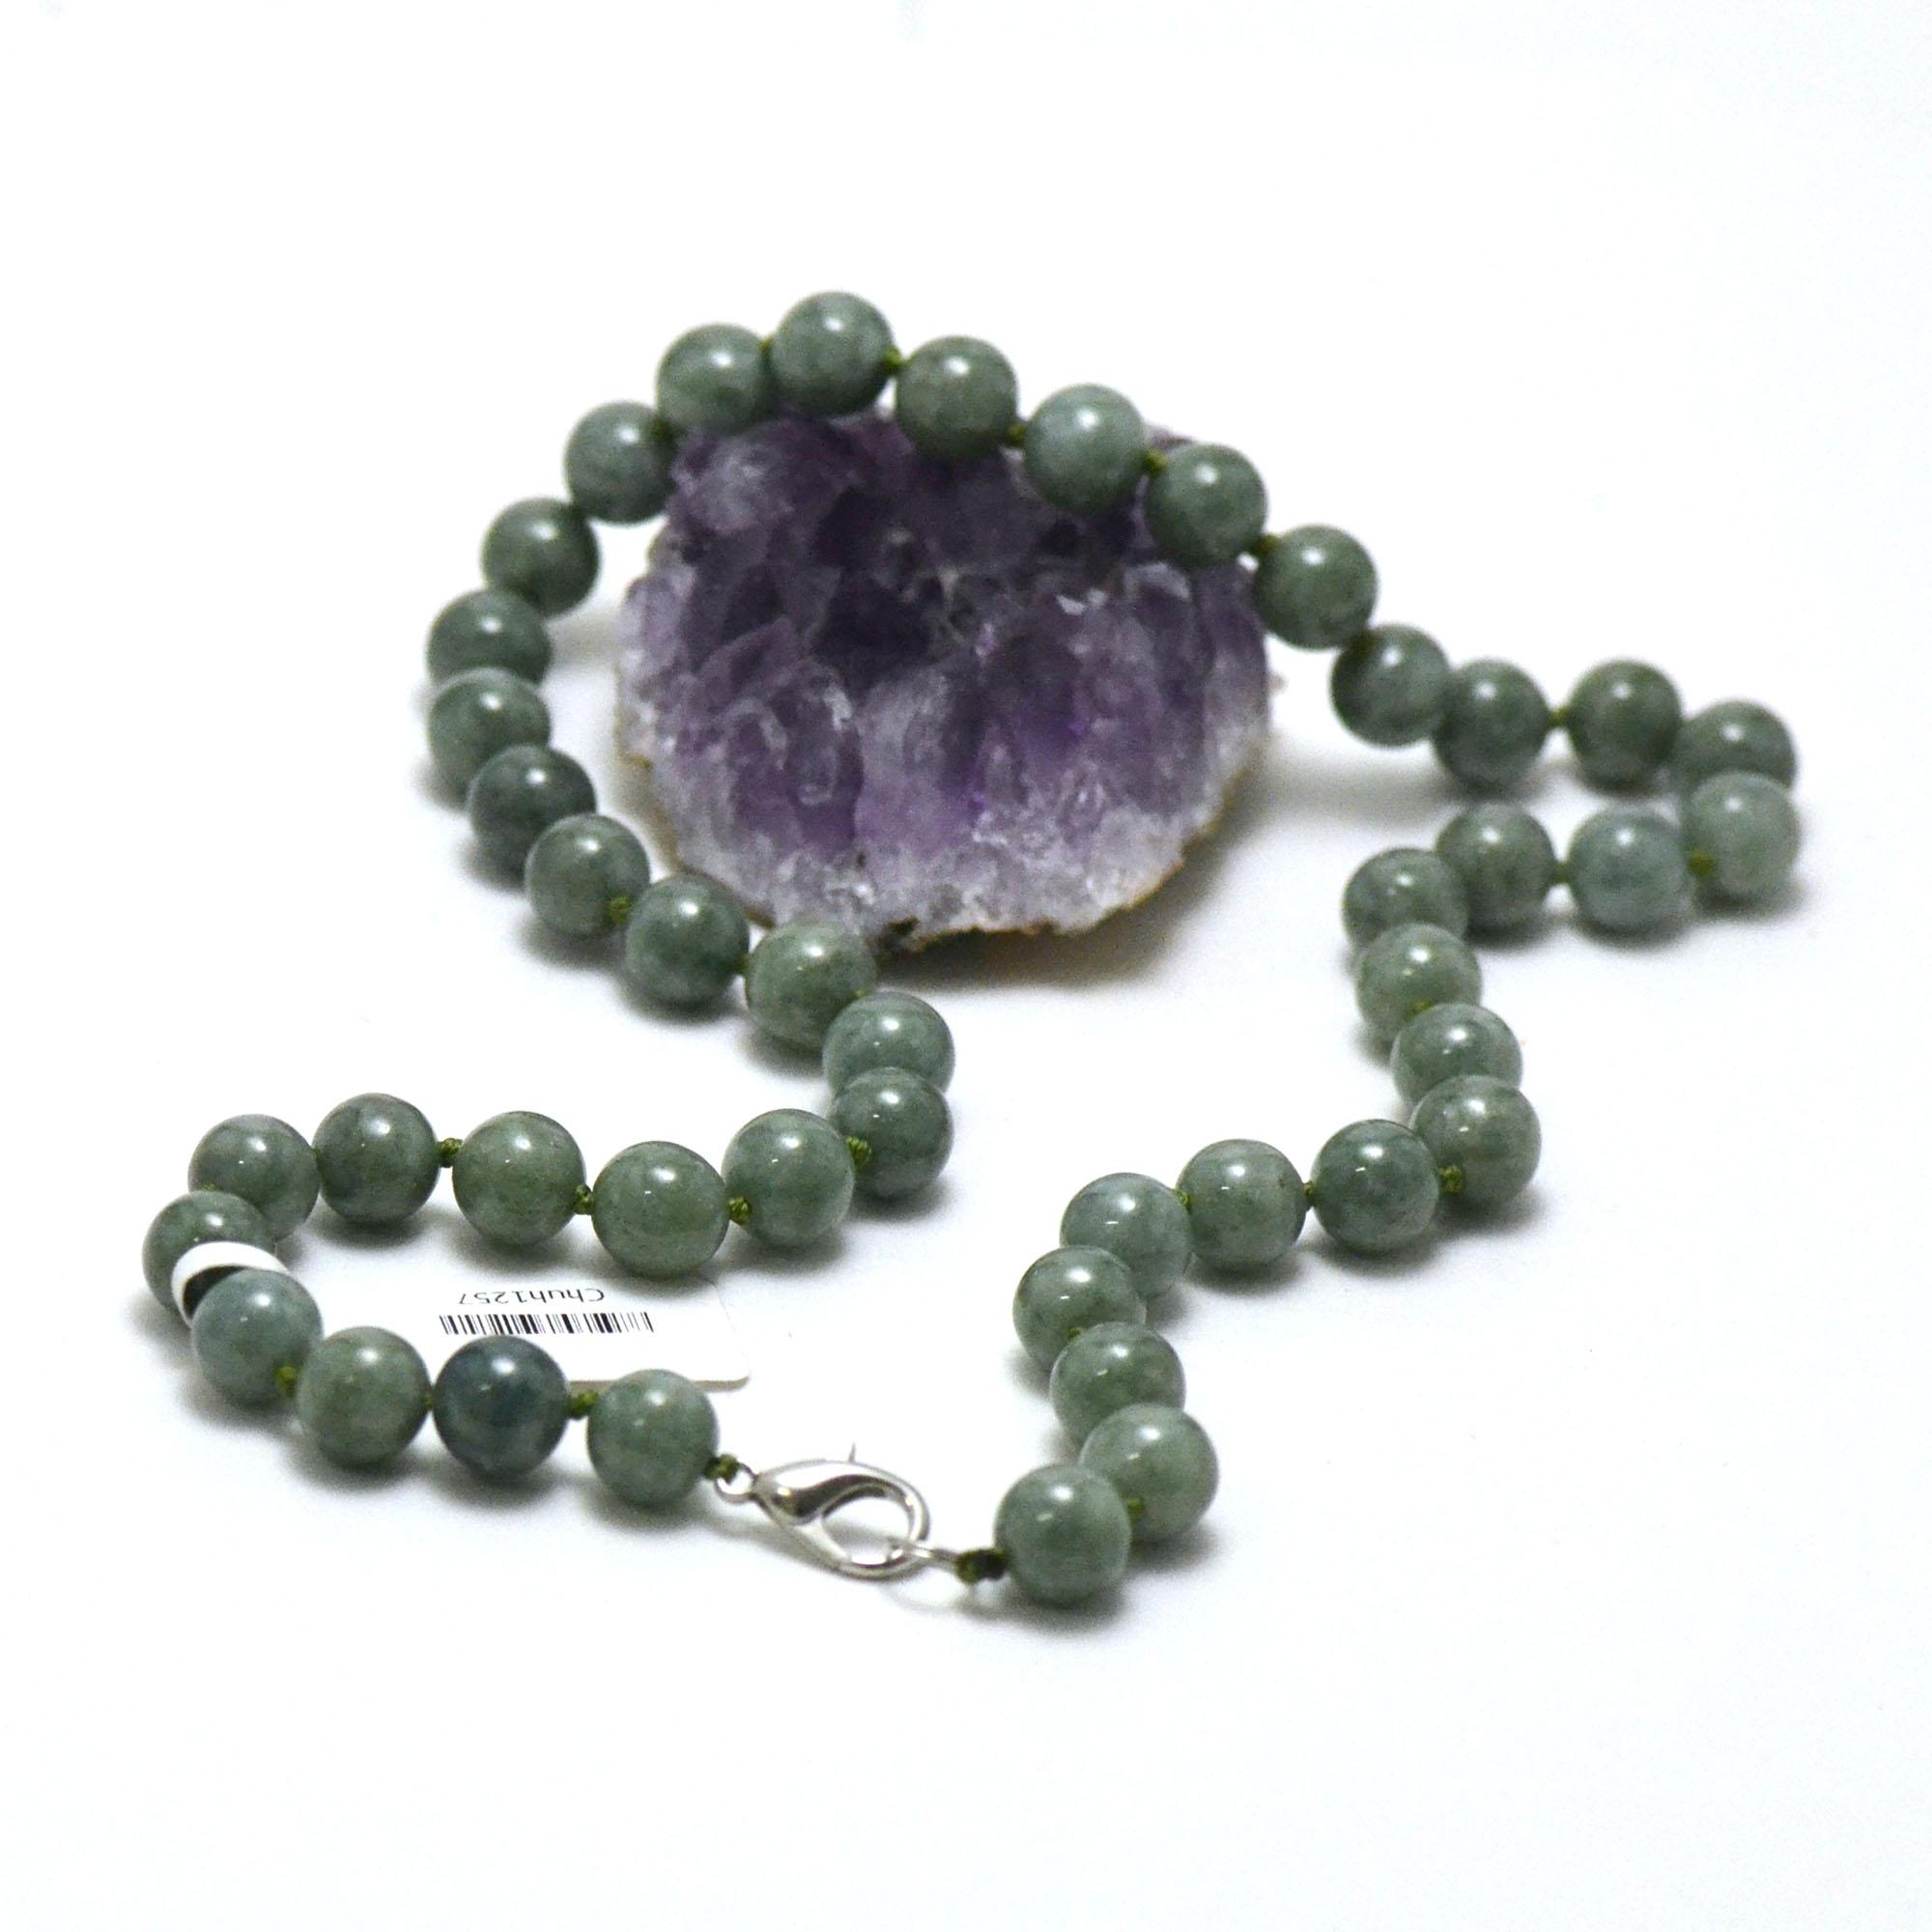 collier jade vert marbré, perle ronde 10 mm